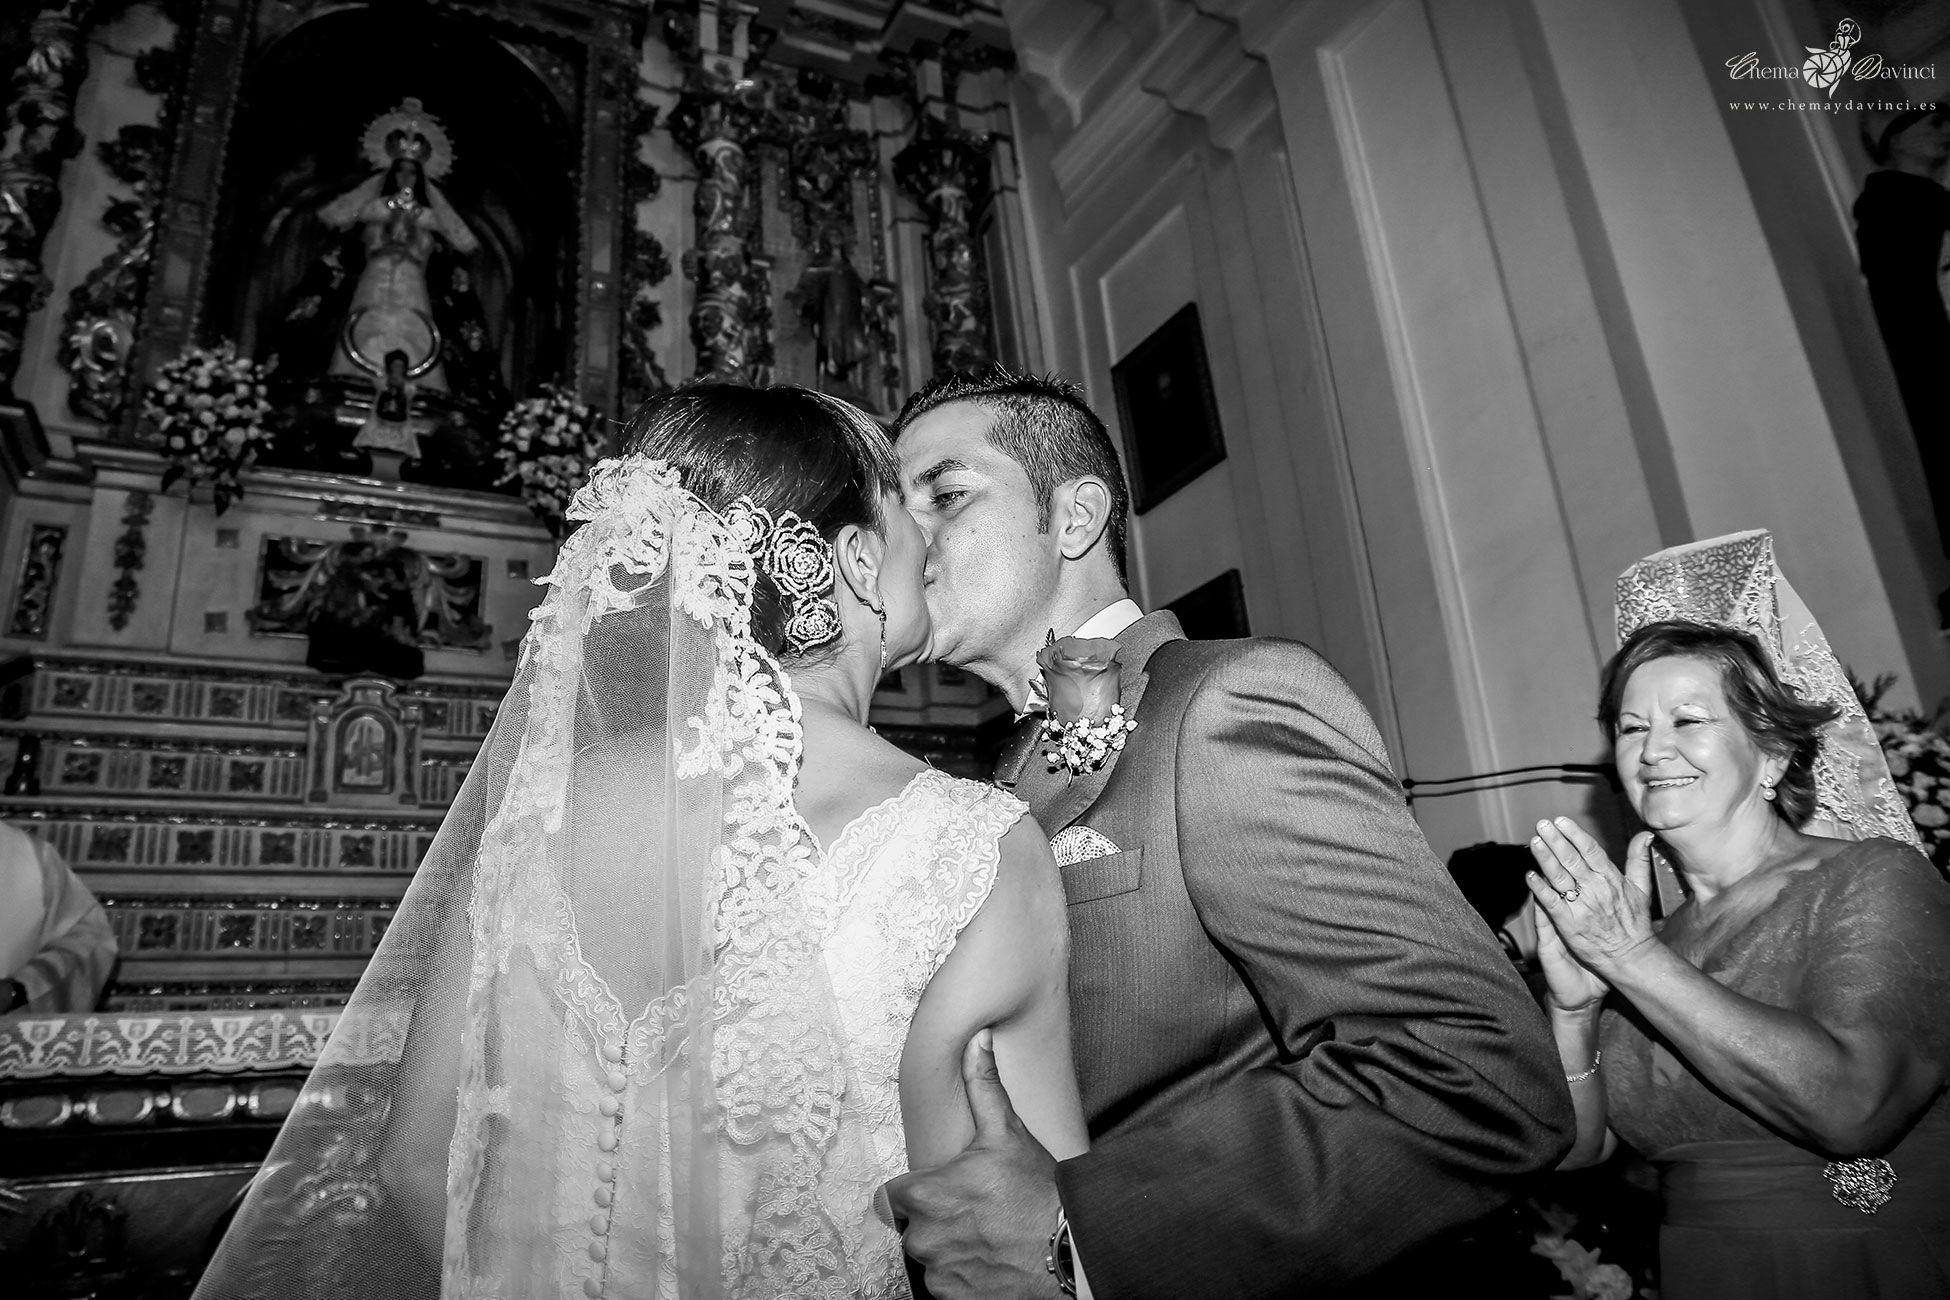 Fotografía de Boda - Álbum de boda - Chema & Davinci